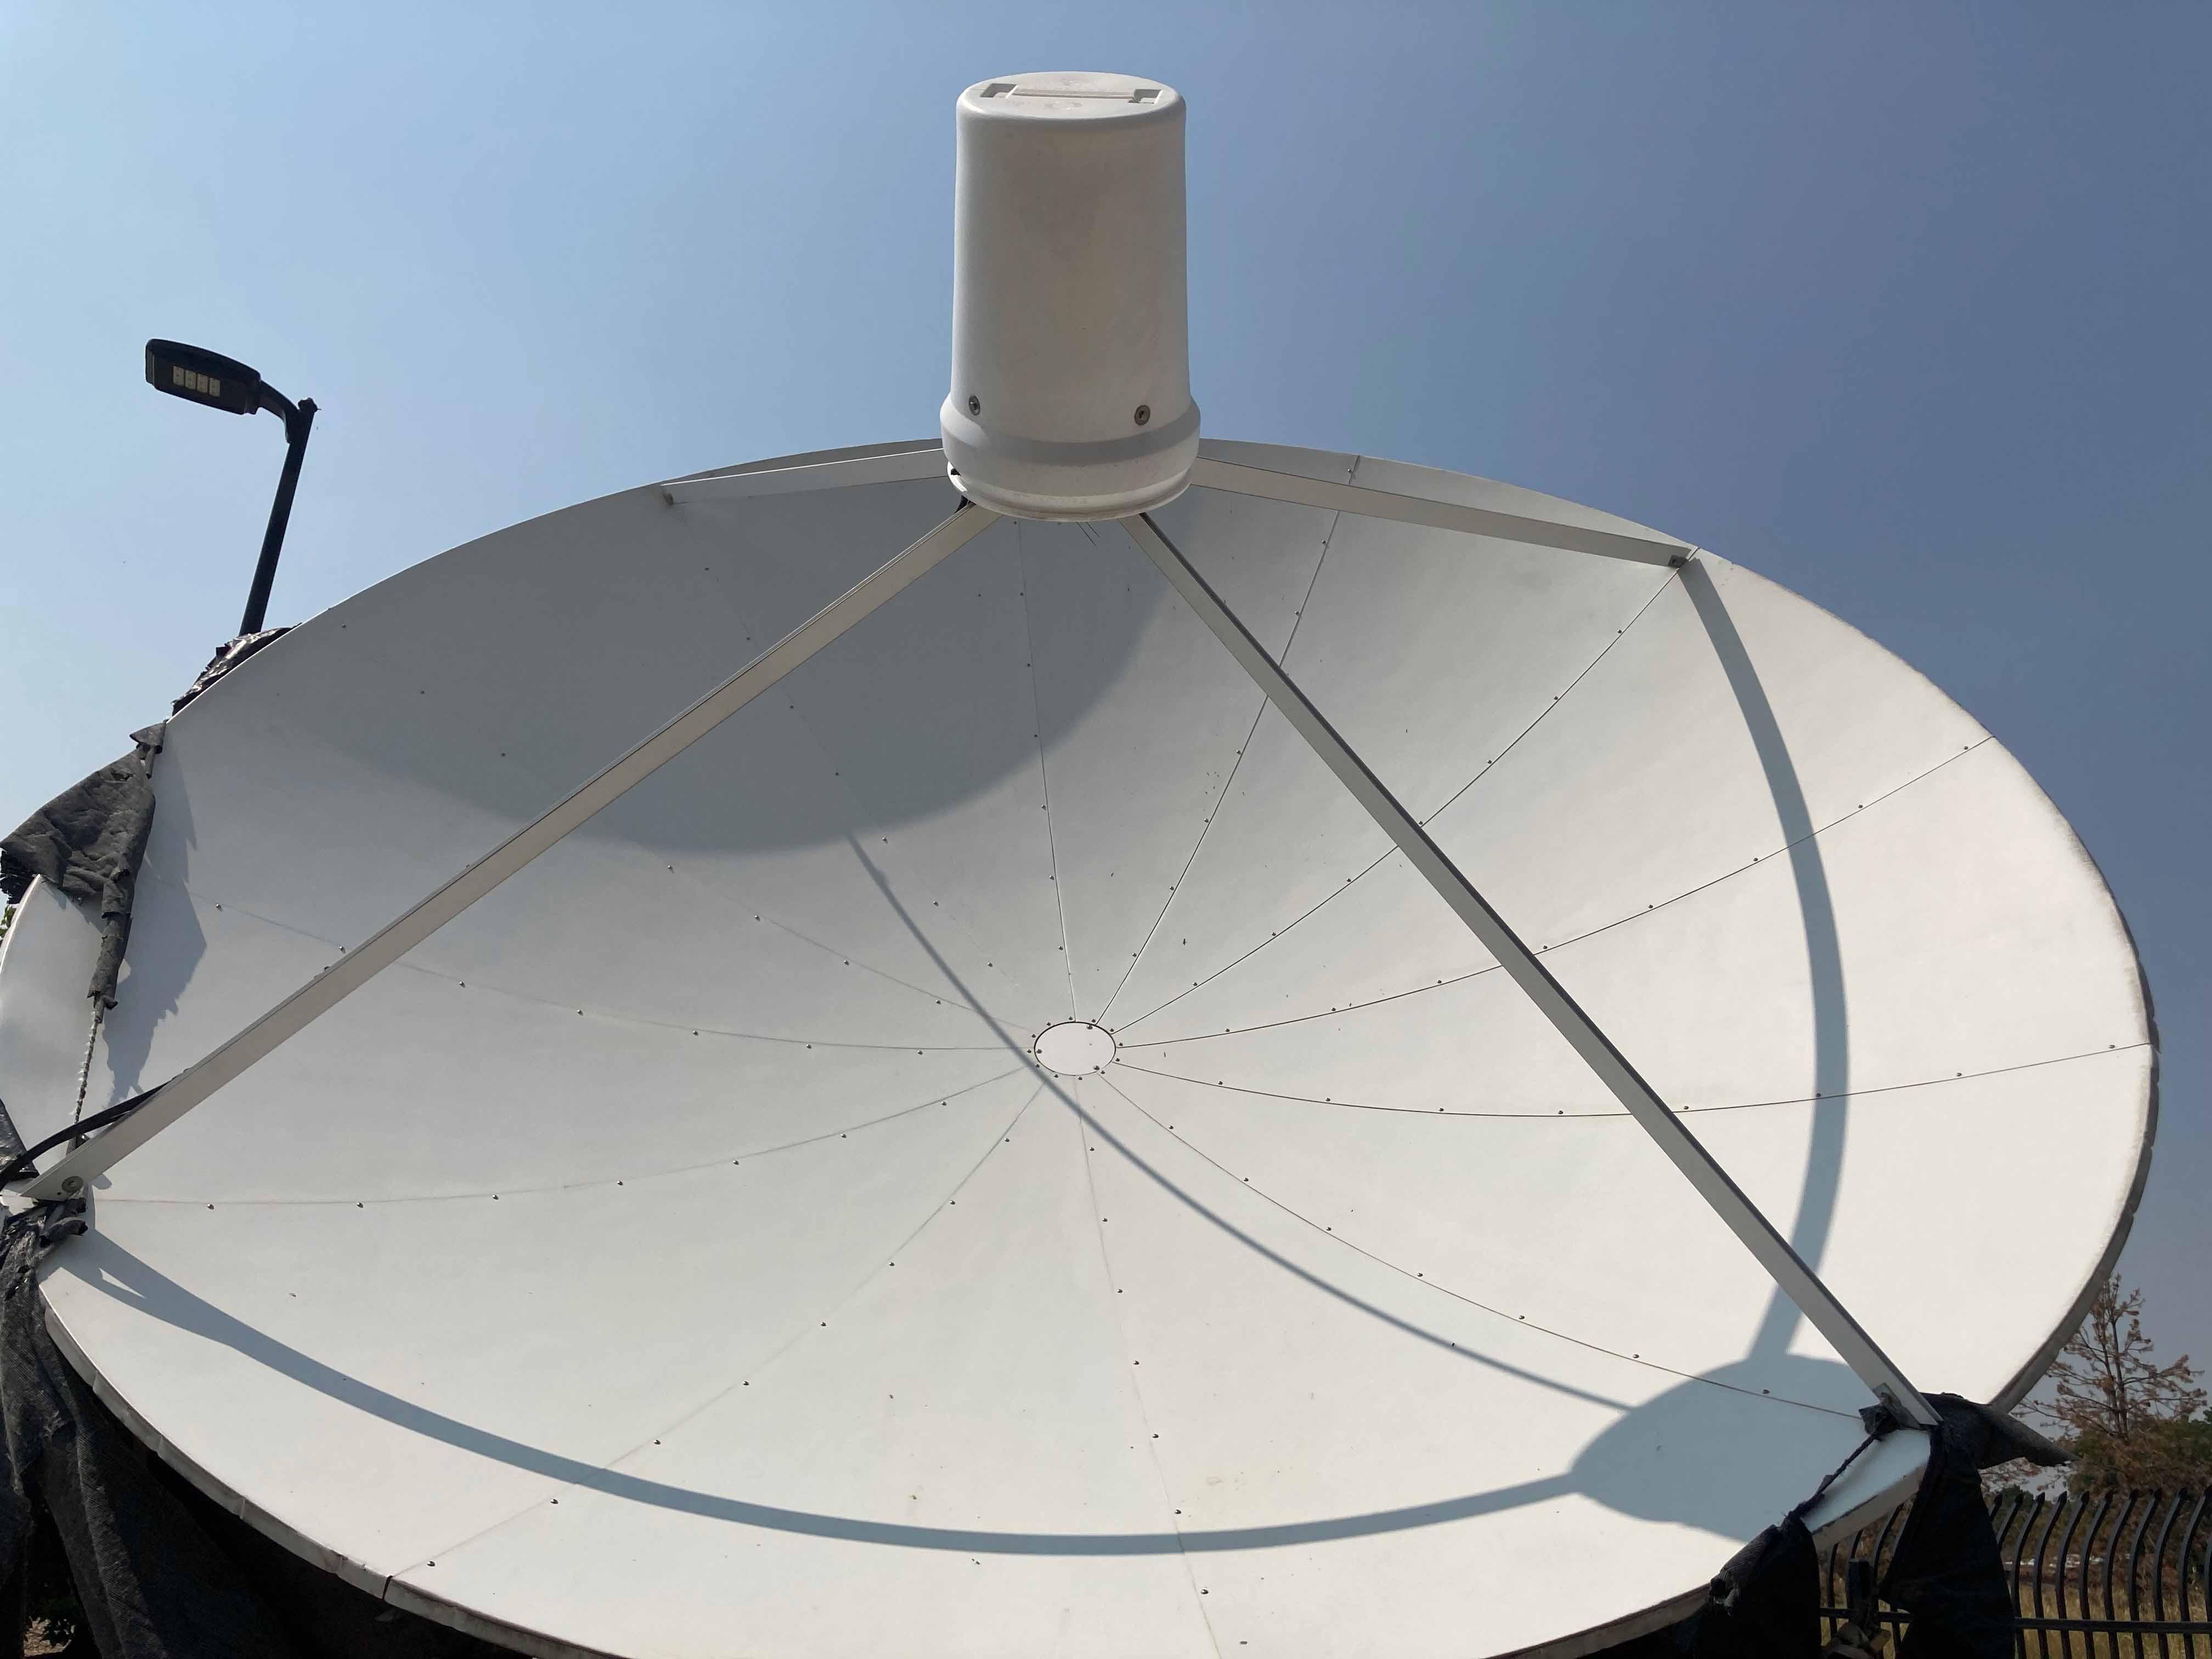 AuroraTV's old c-band satellite dish